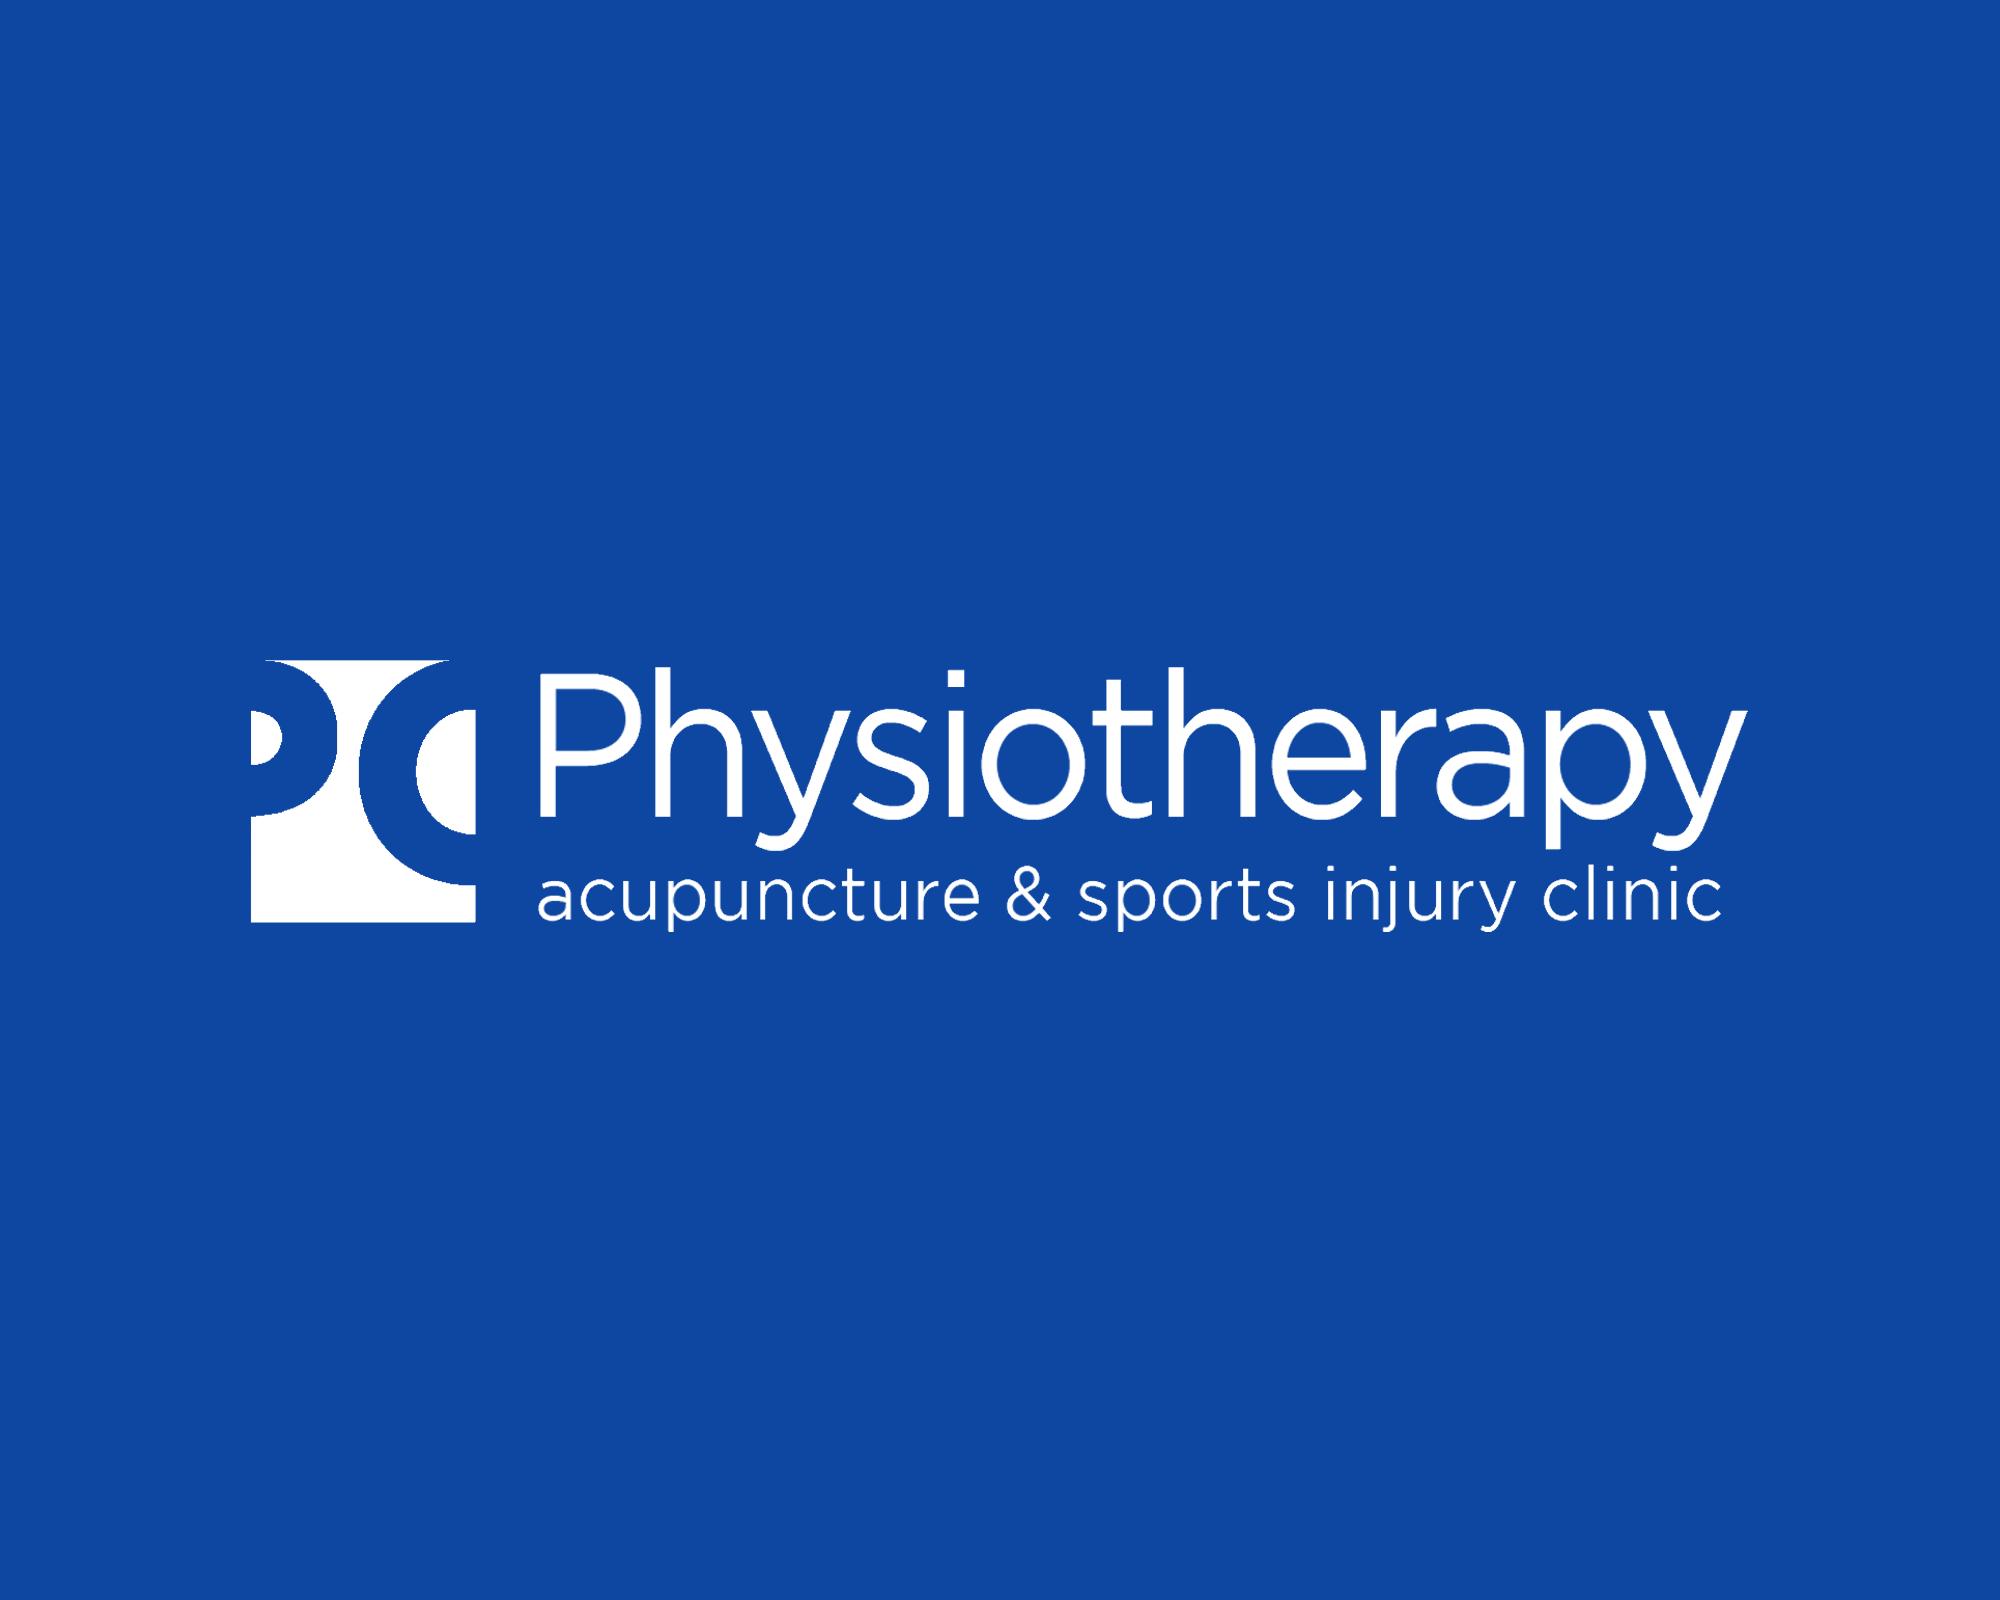 milton keynes physiotherapy Logo